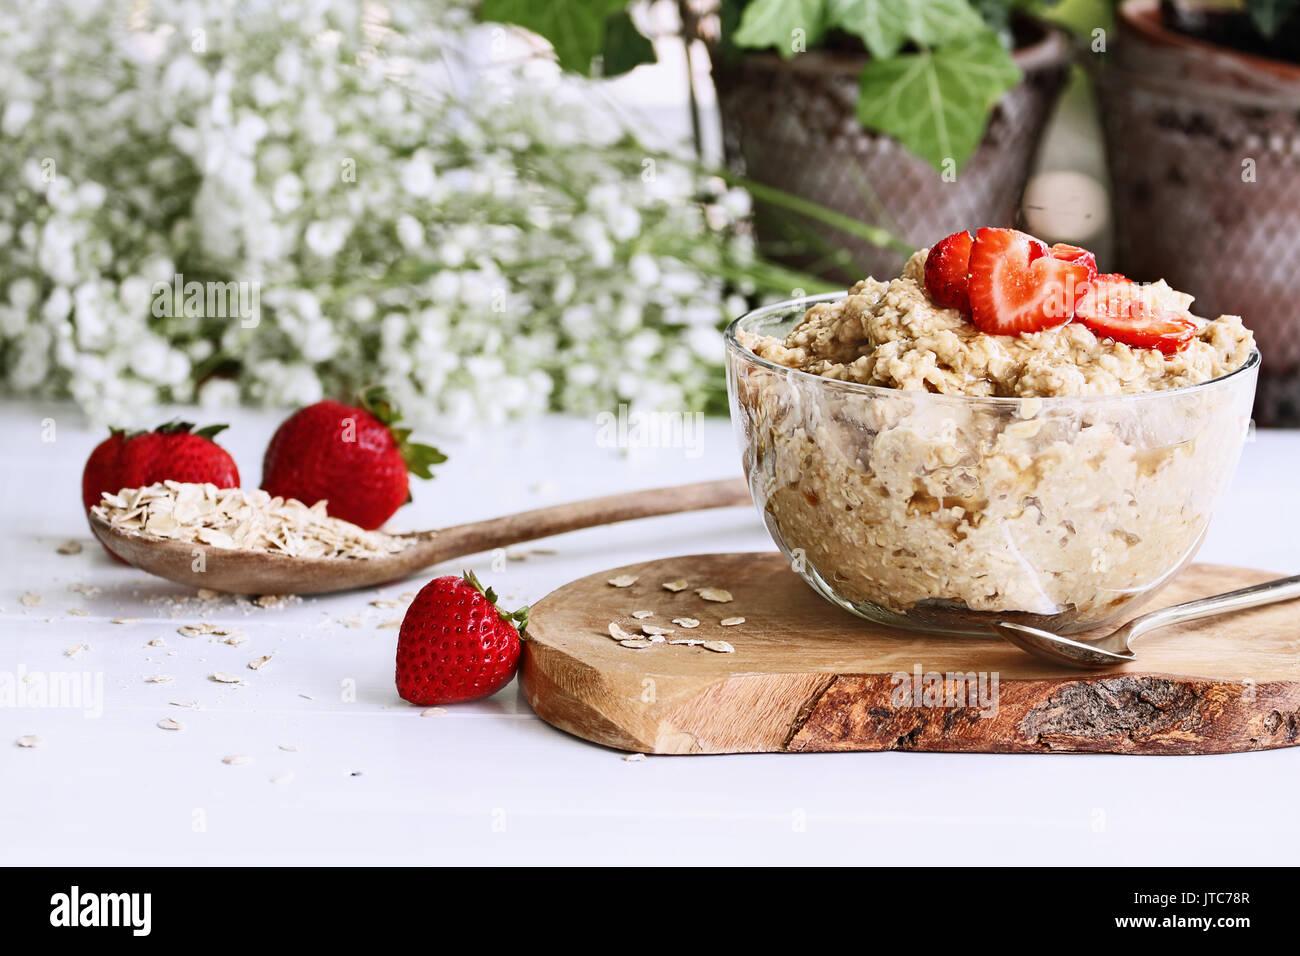 Warmes Frühstück der gesunden Haferflocken und herzförmige Erdbeeren. Selektiver Fokus mit extrem Stockbild